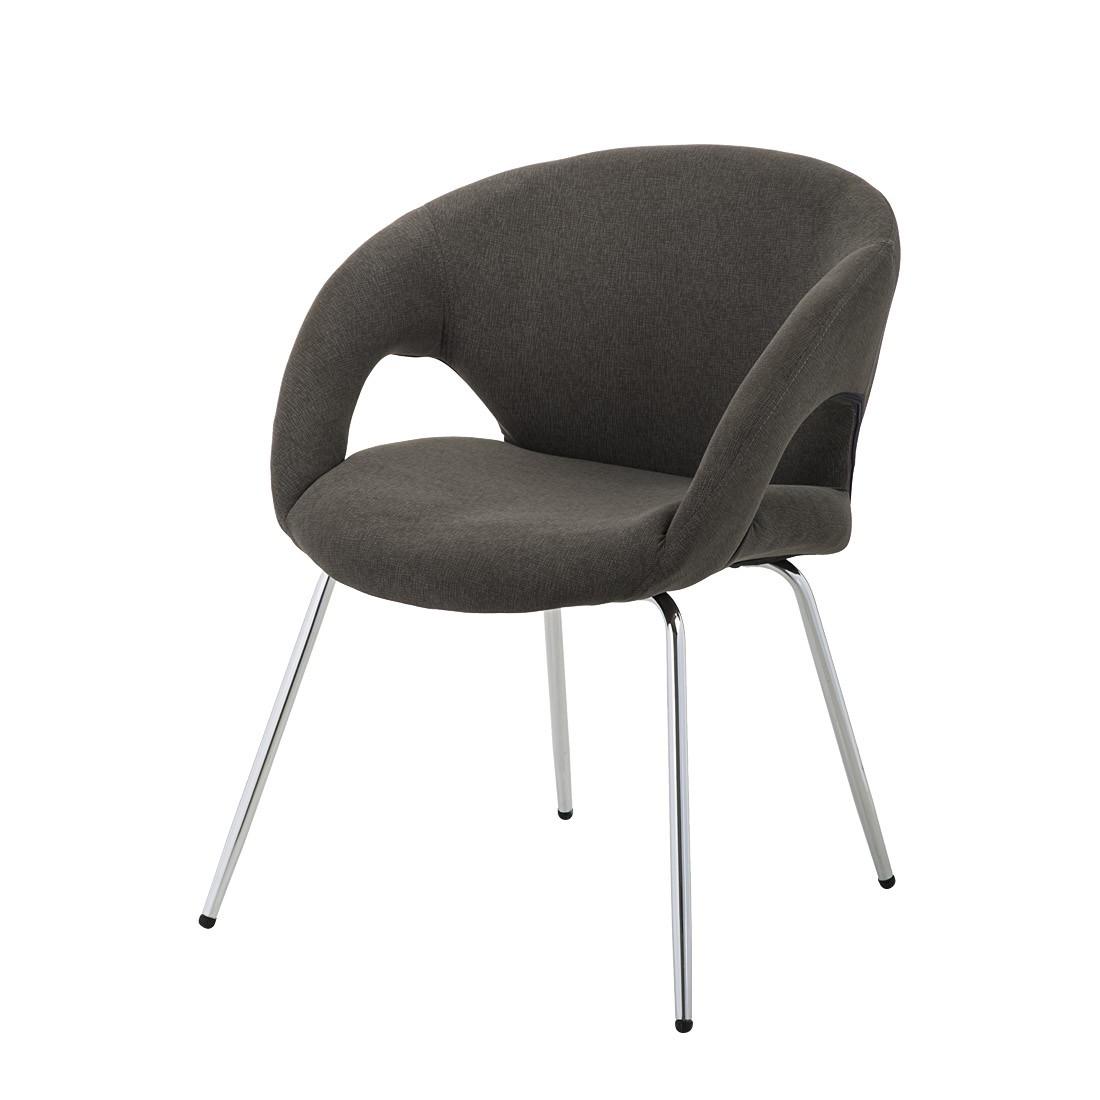 esszimmerst hle leder grau. Black Bedroom Furniture Sets. Home Design Ideas